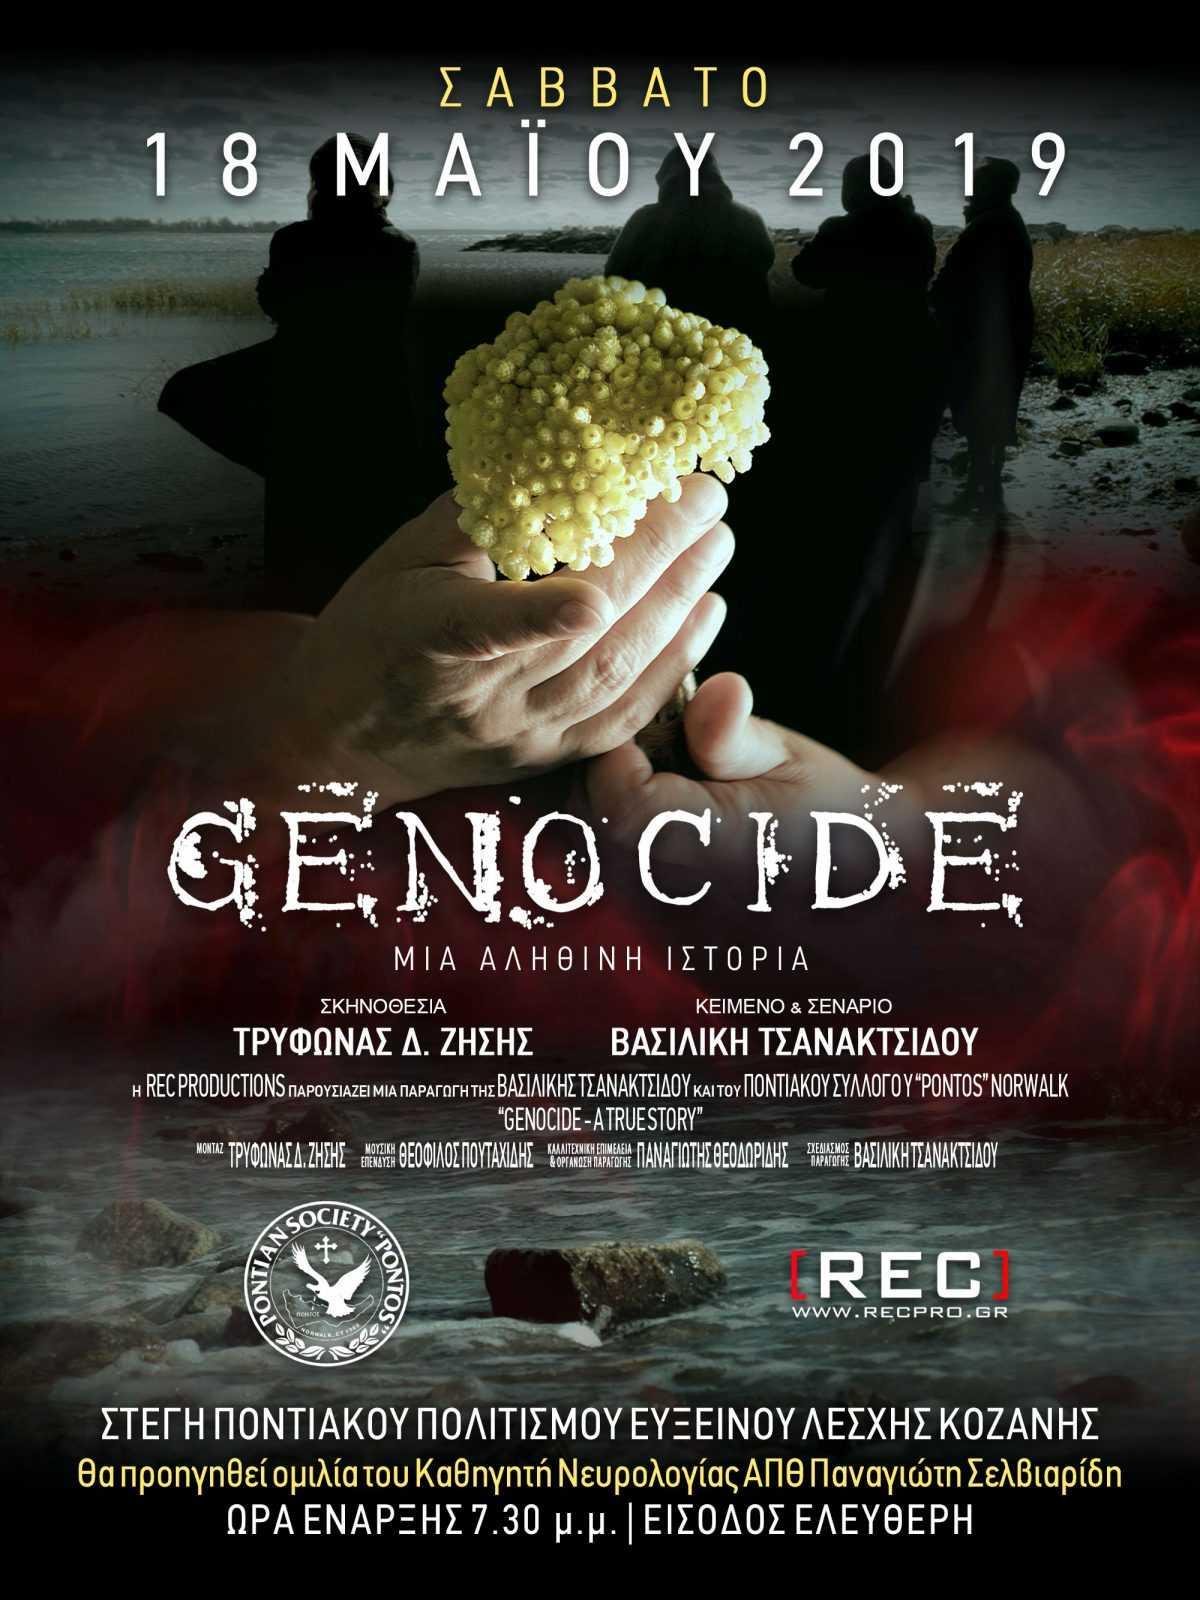 Η Ταινία Genocide - Μια Αληθινη Ιστορια θα προβληθεί ξανά στην Στέγη Ποντιακού Πολιτισμού στην Κοζάνη 18-19 Μαΐου